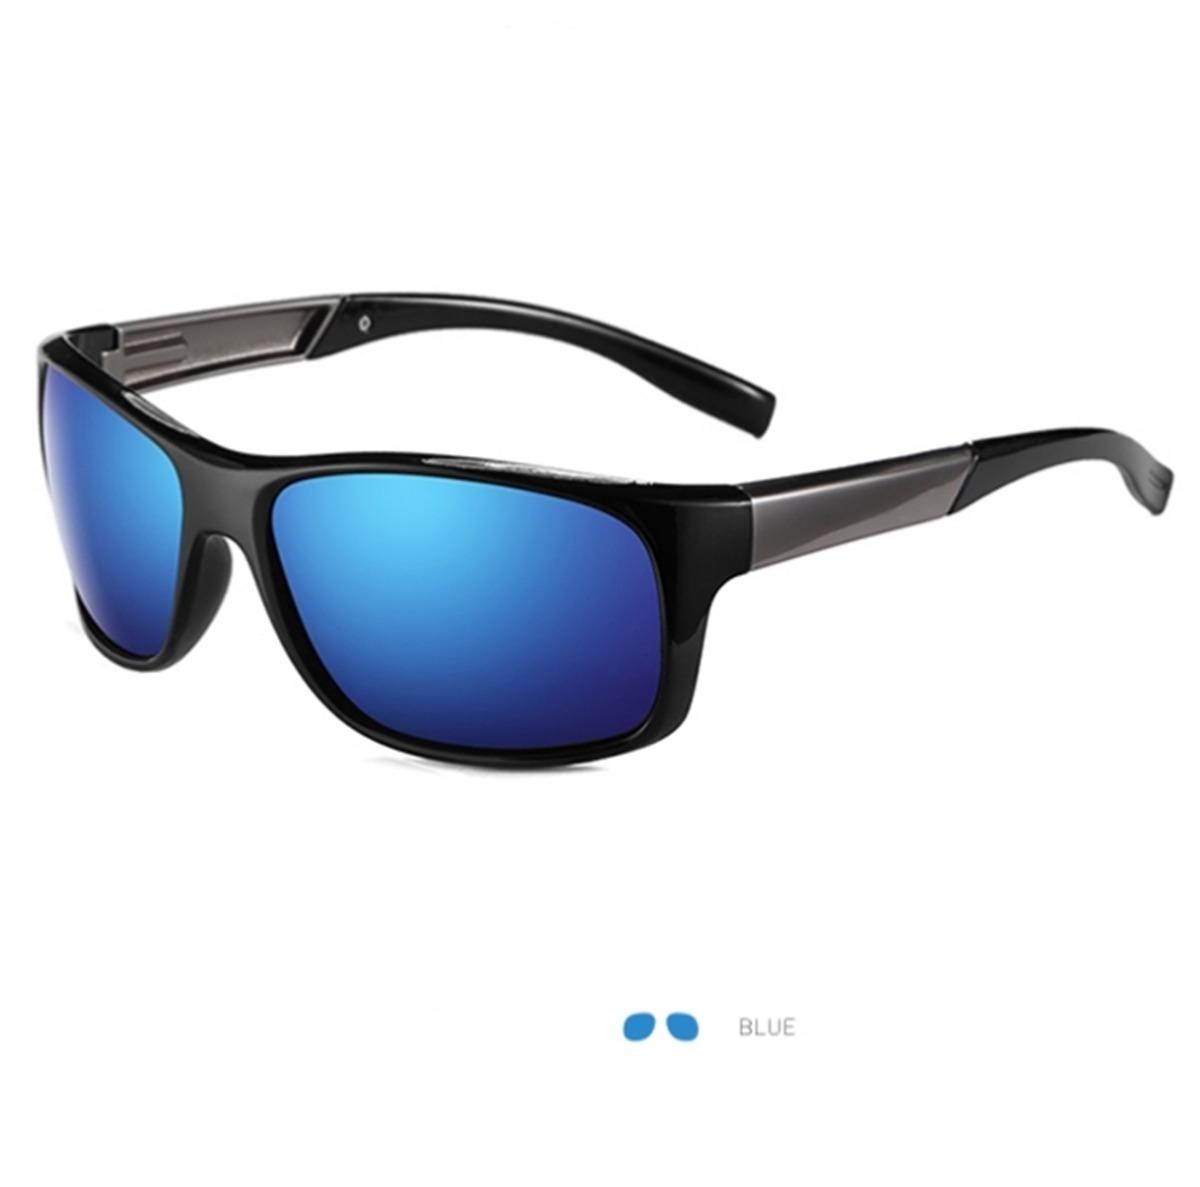 993a64fe95c6f óculos sol masculino polarizado uv400 20 20 pl328 promoção. Carregando zoom.